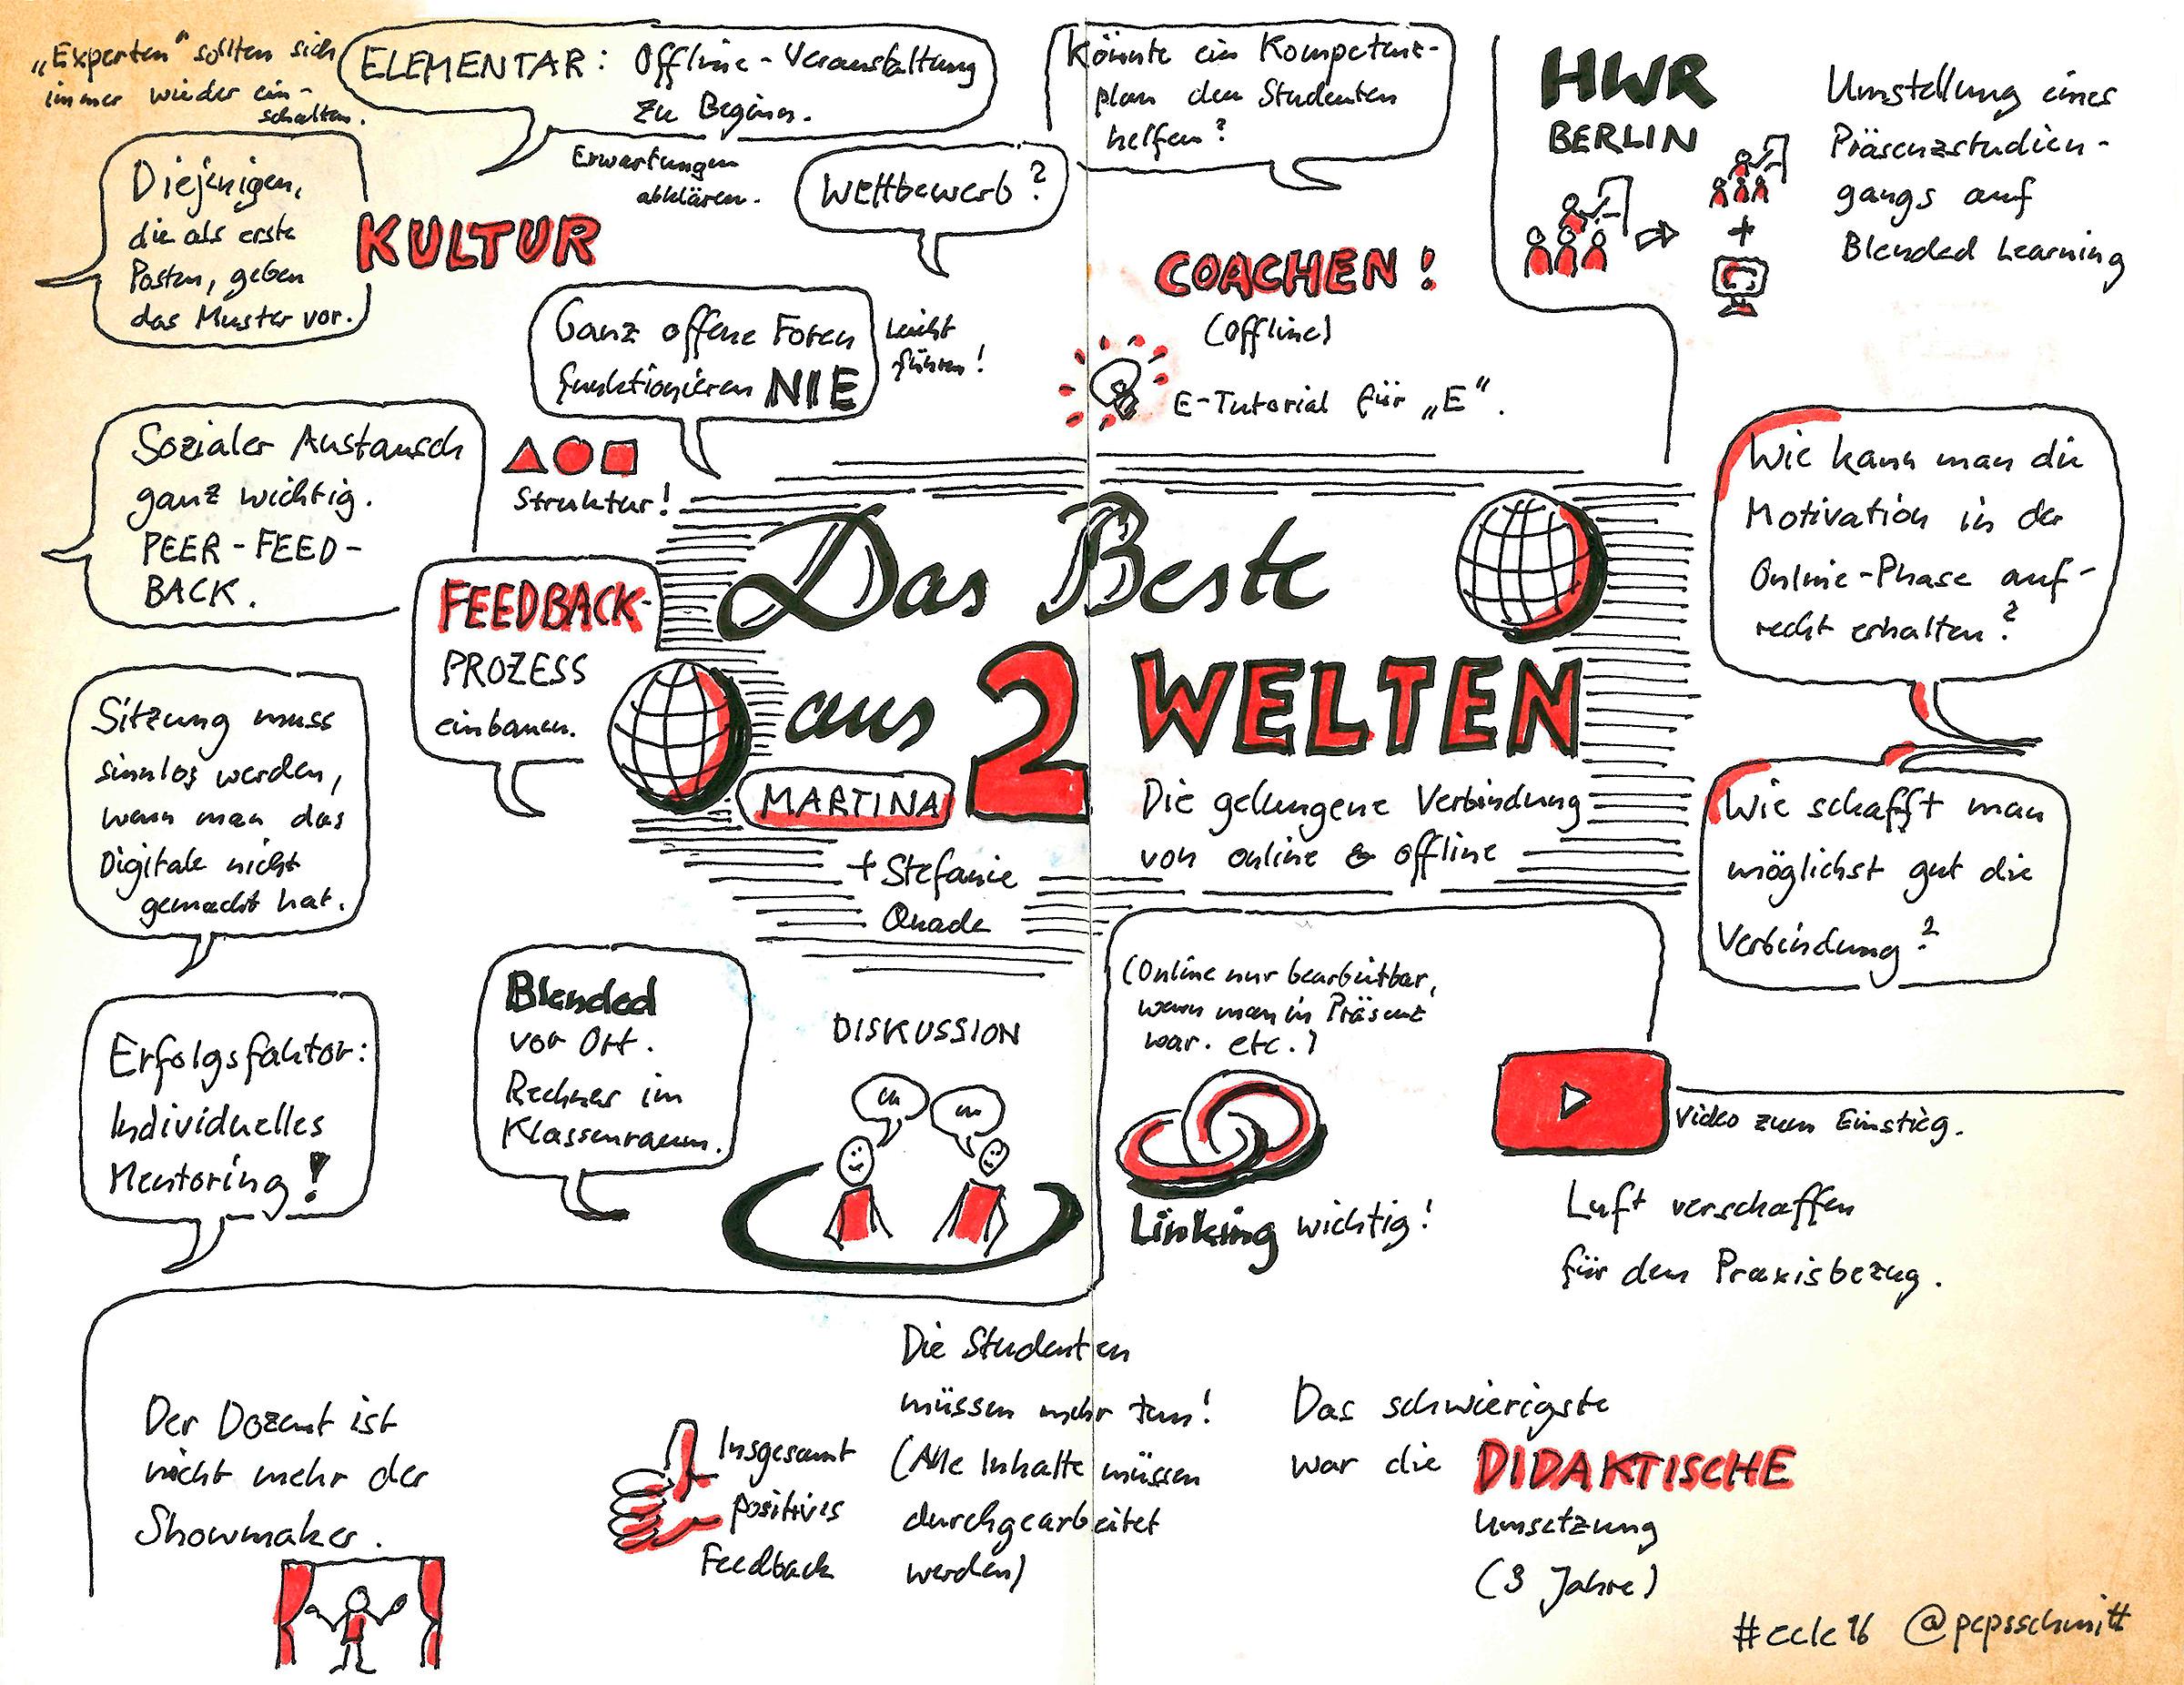 Die Verzahnung von Online/Offline – Blended Learning in der Praxis